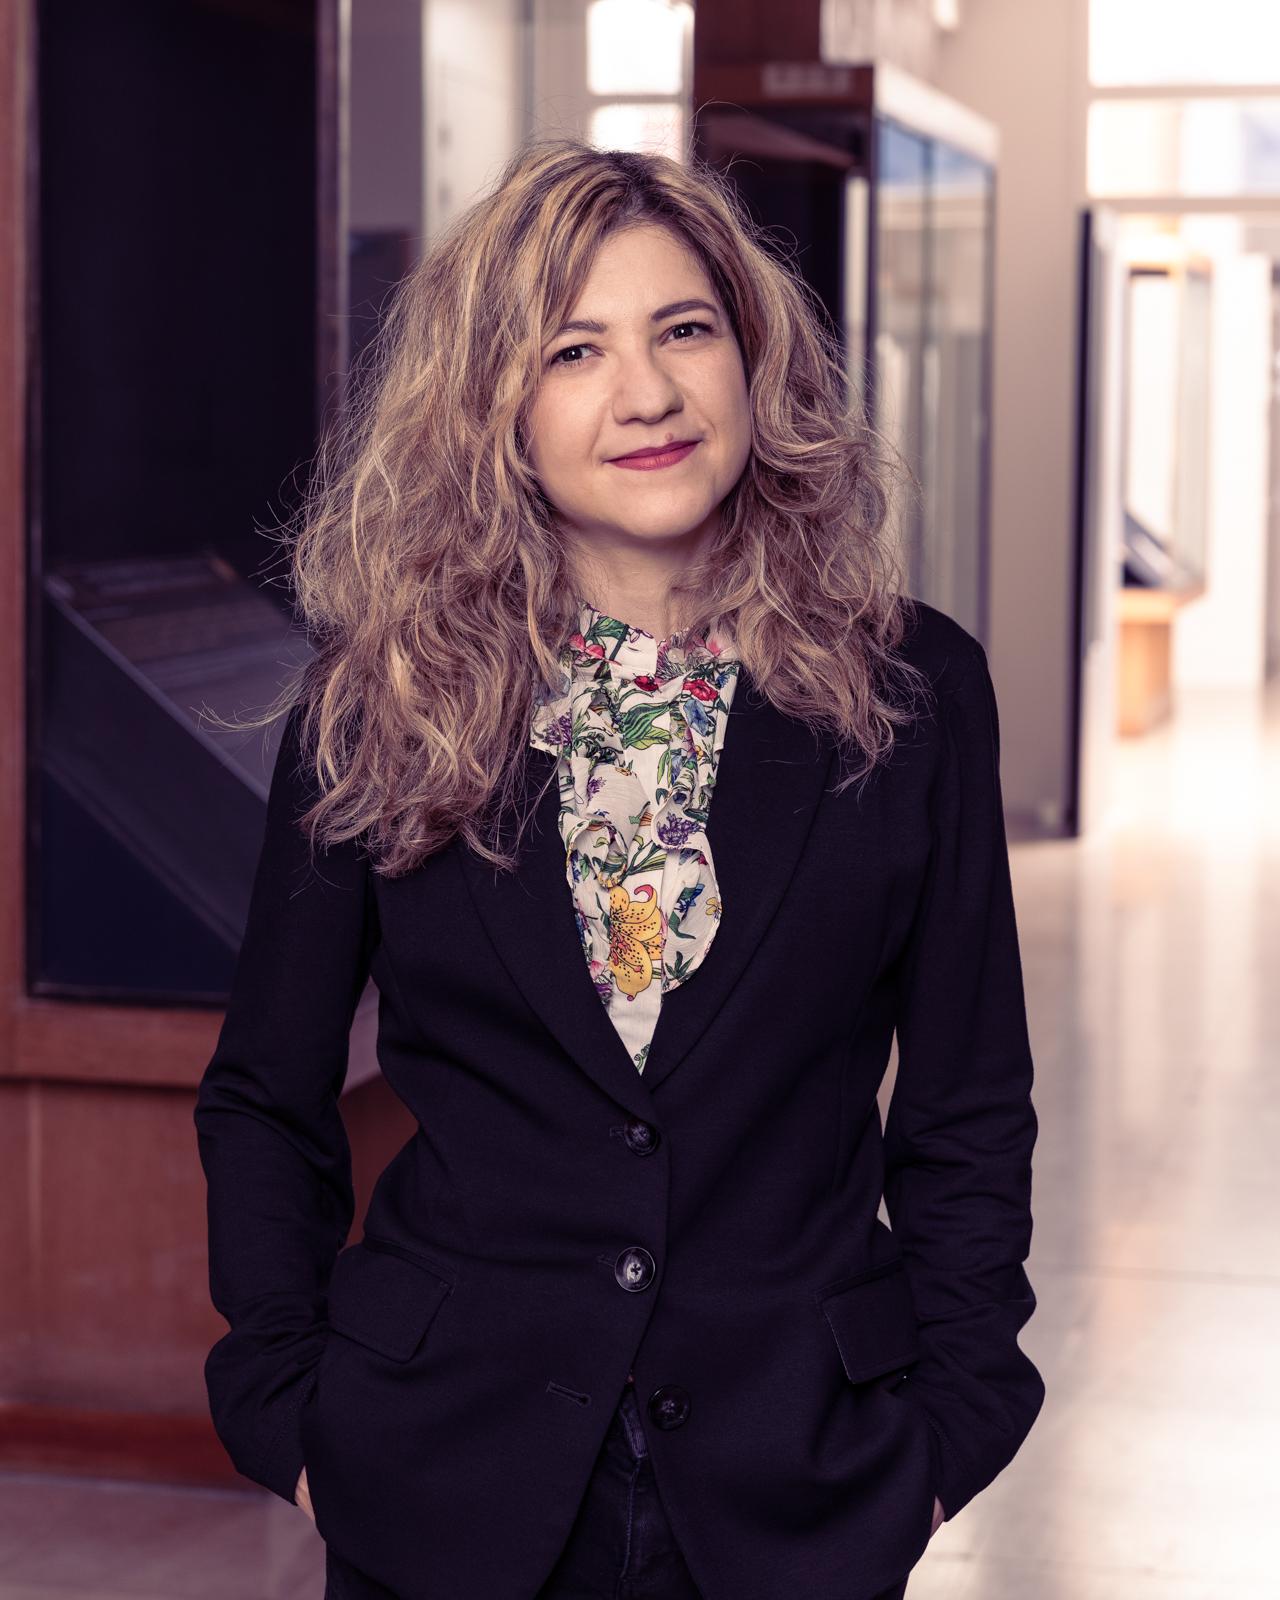 Claudia Lunghi Laboratoire des Systèmes Perceptifs Chercheur, Chercheuse CNRS (CRCN)